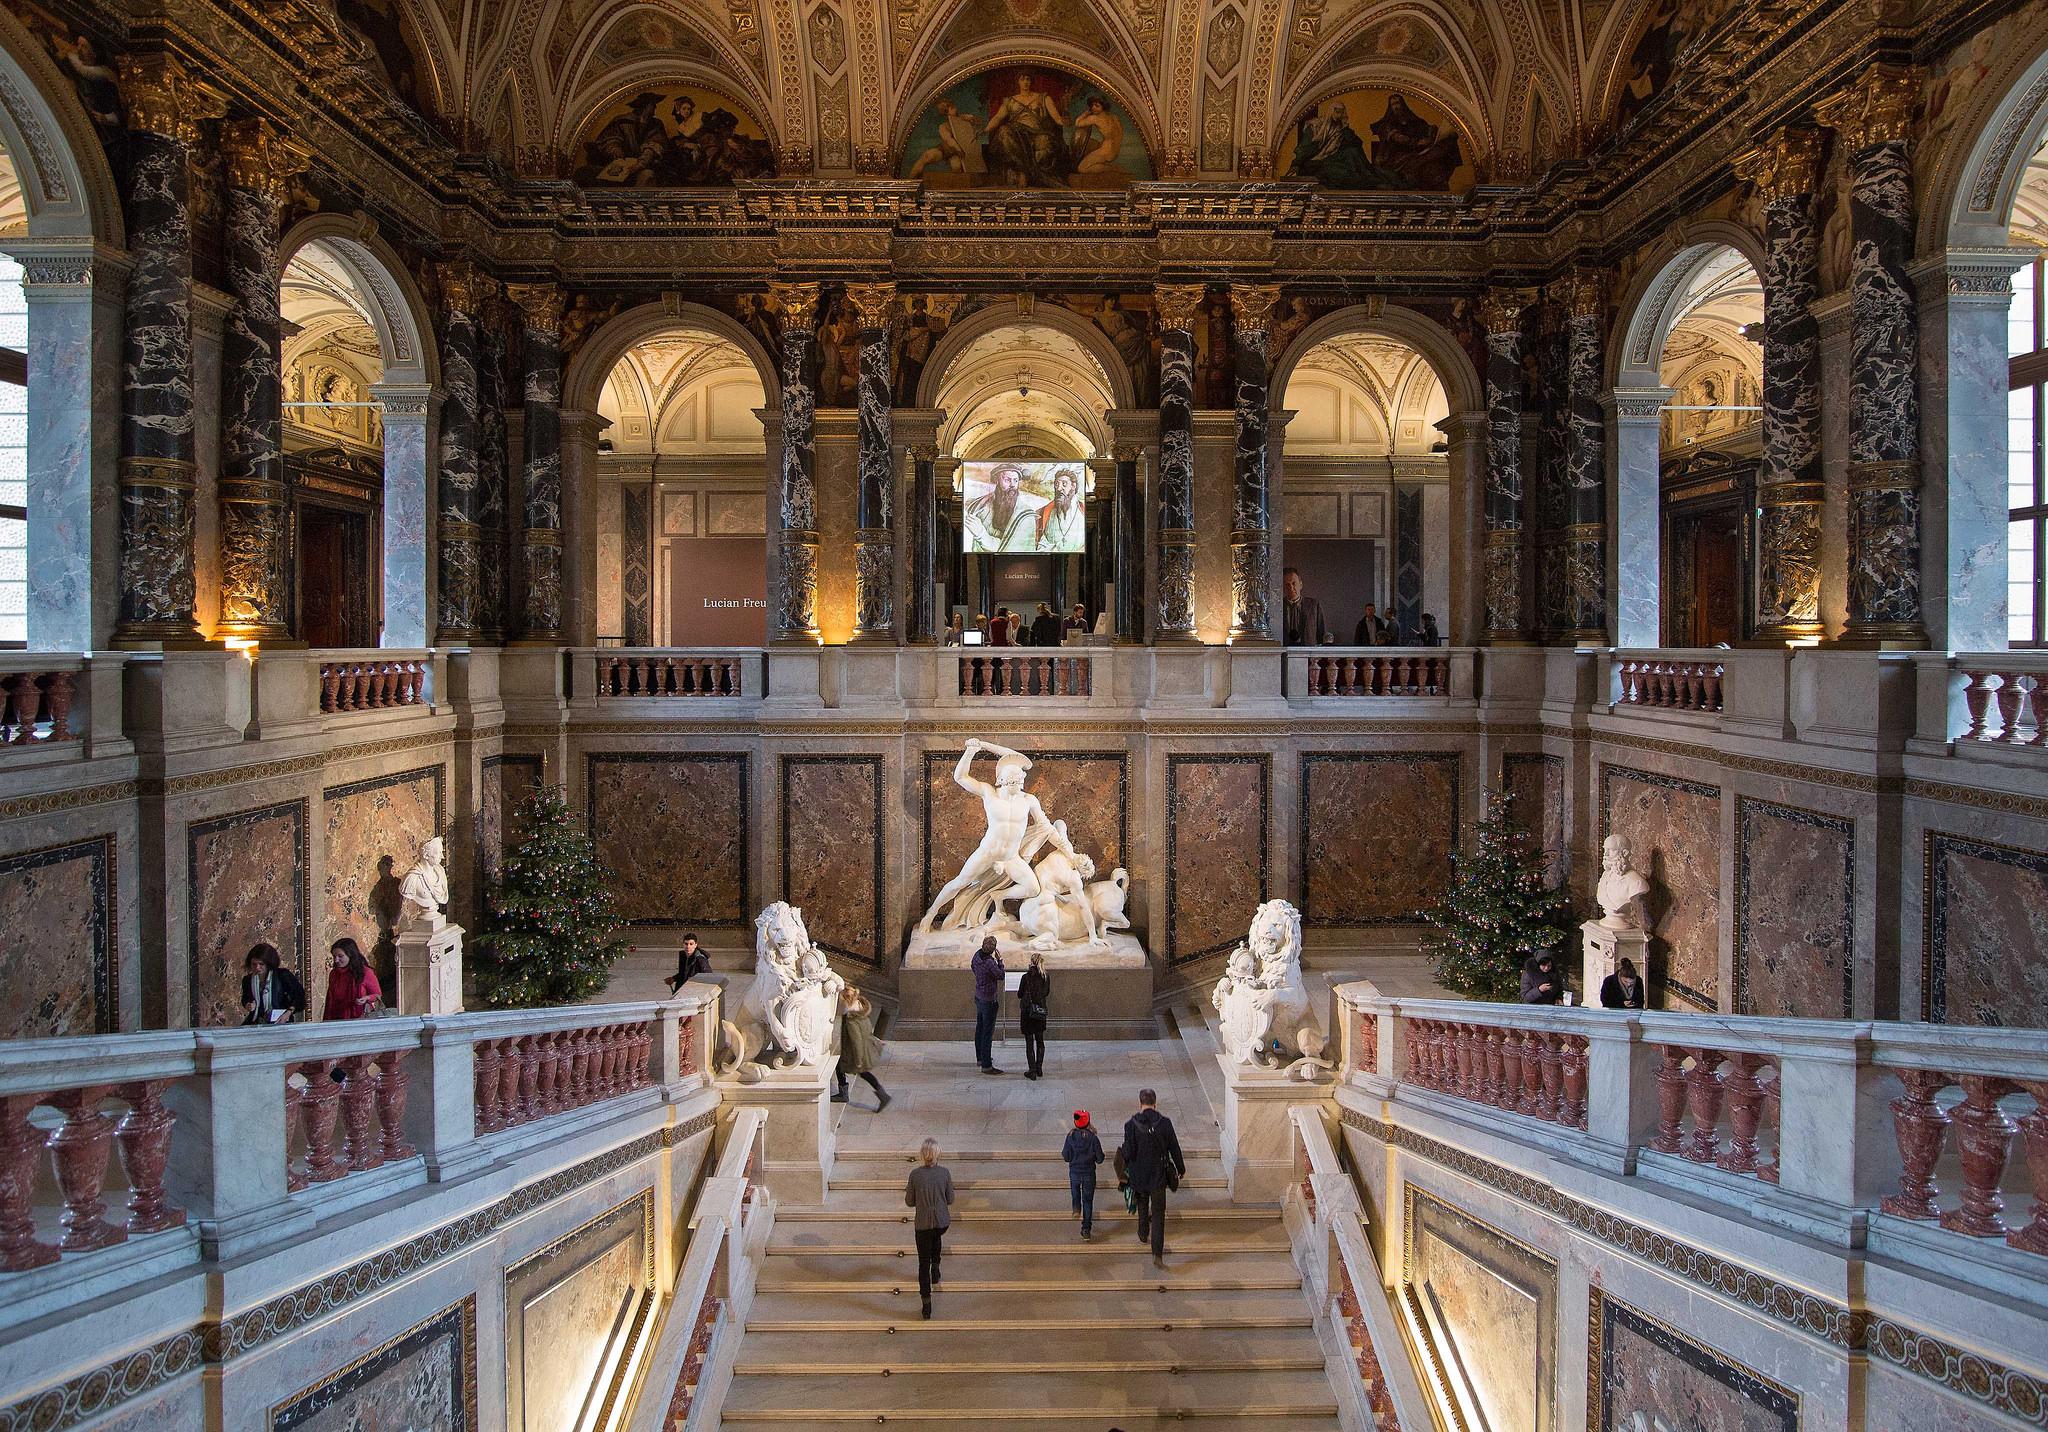 Сколько стоят билеты в музеи в вене европа кино иваново афиша